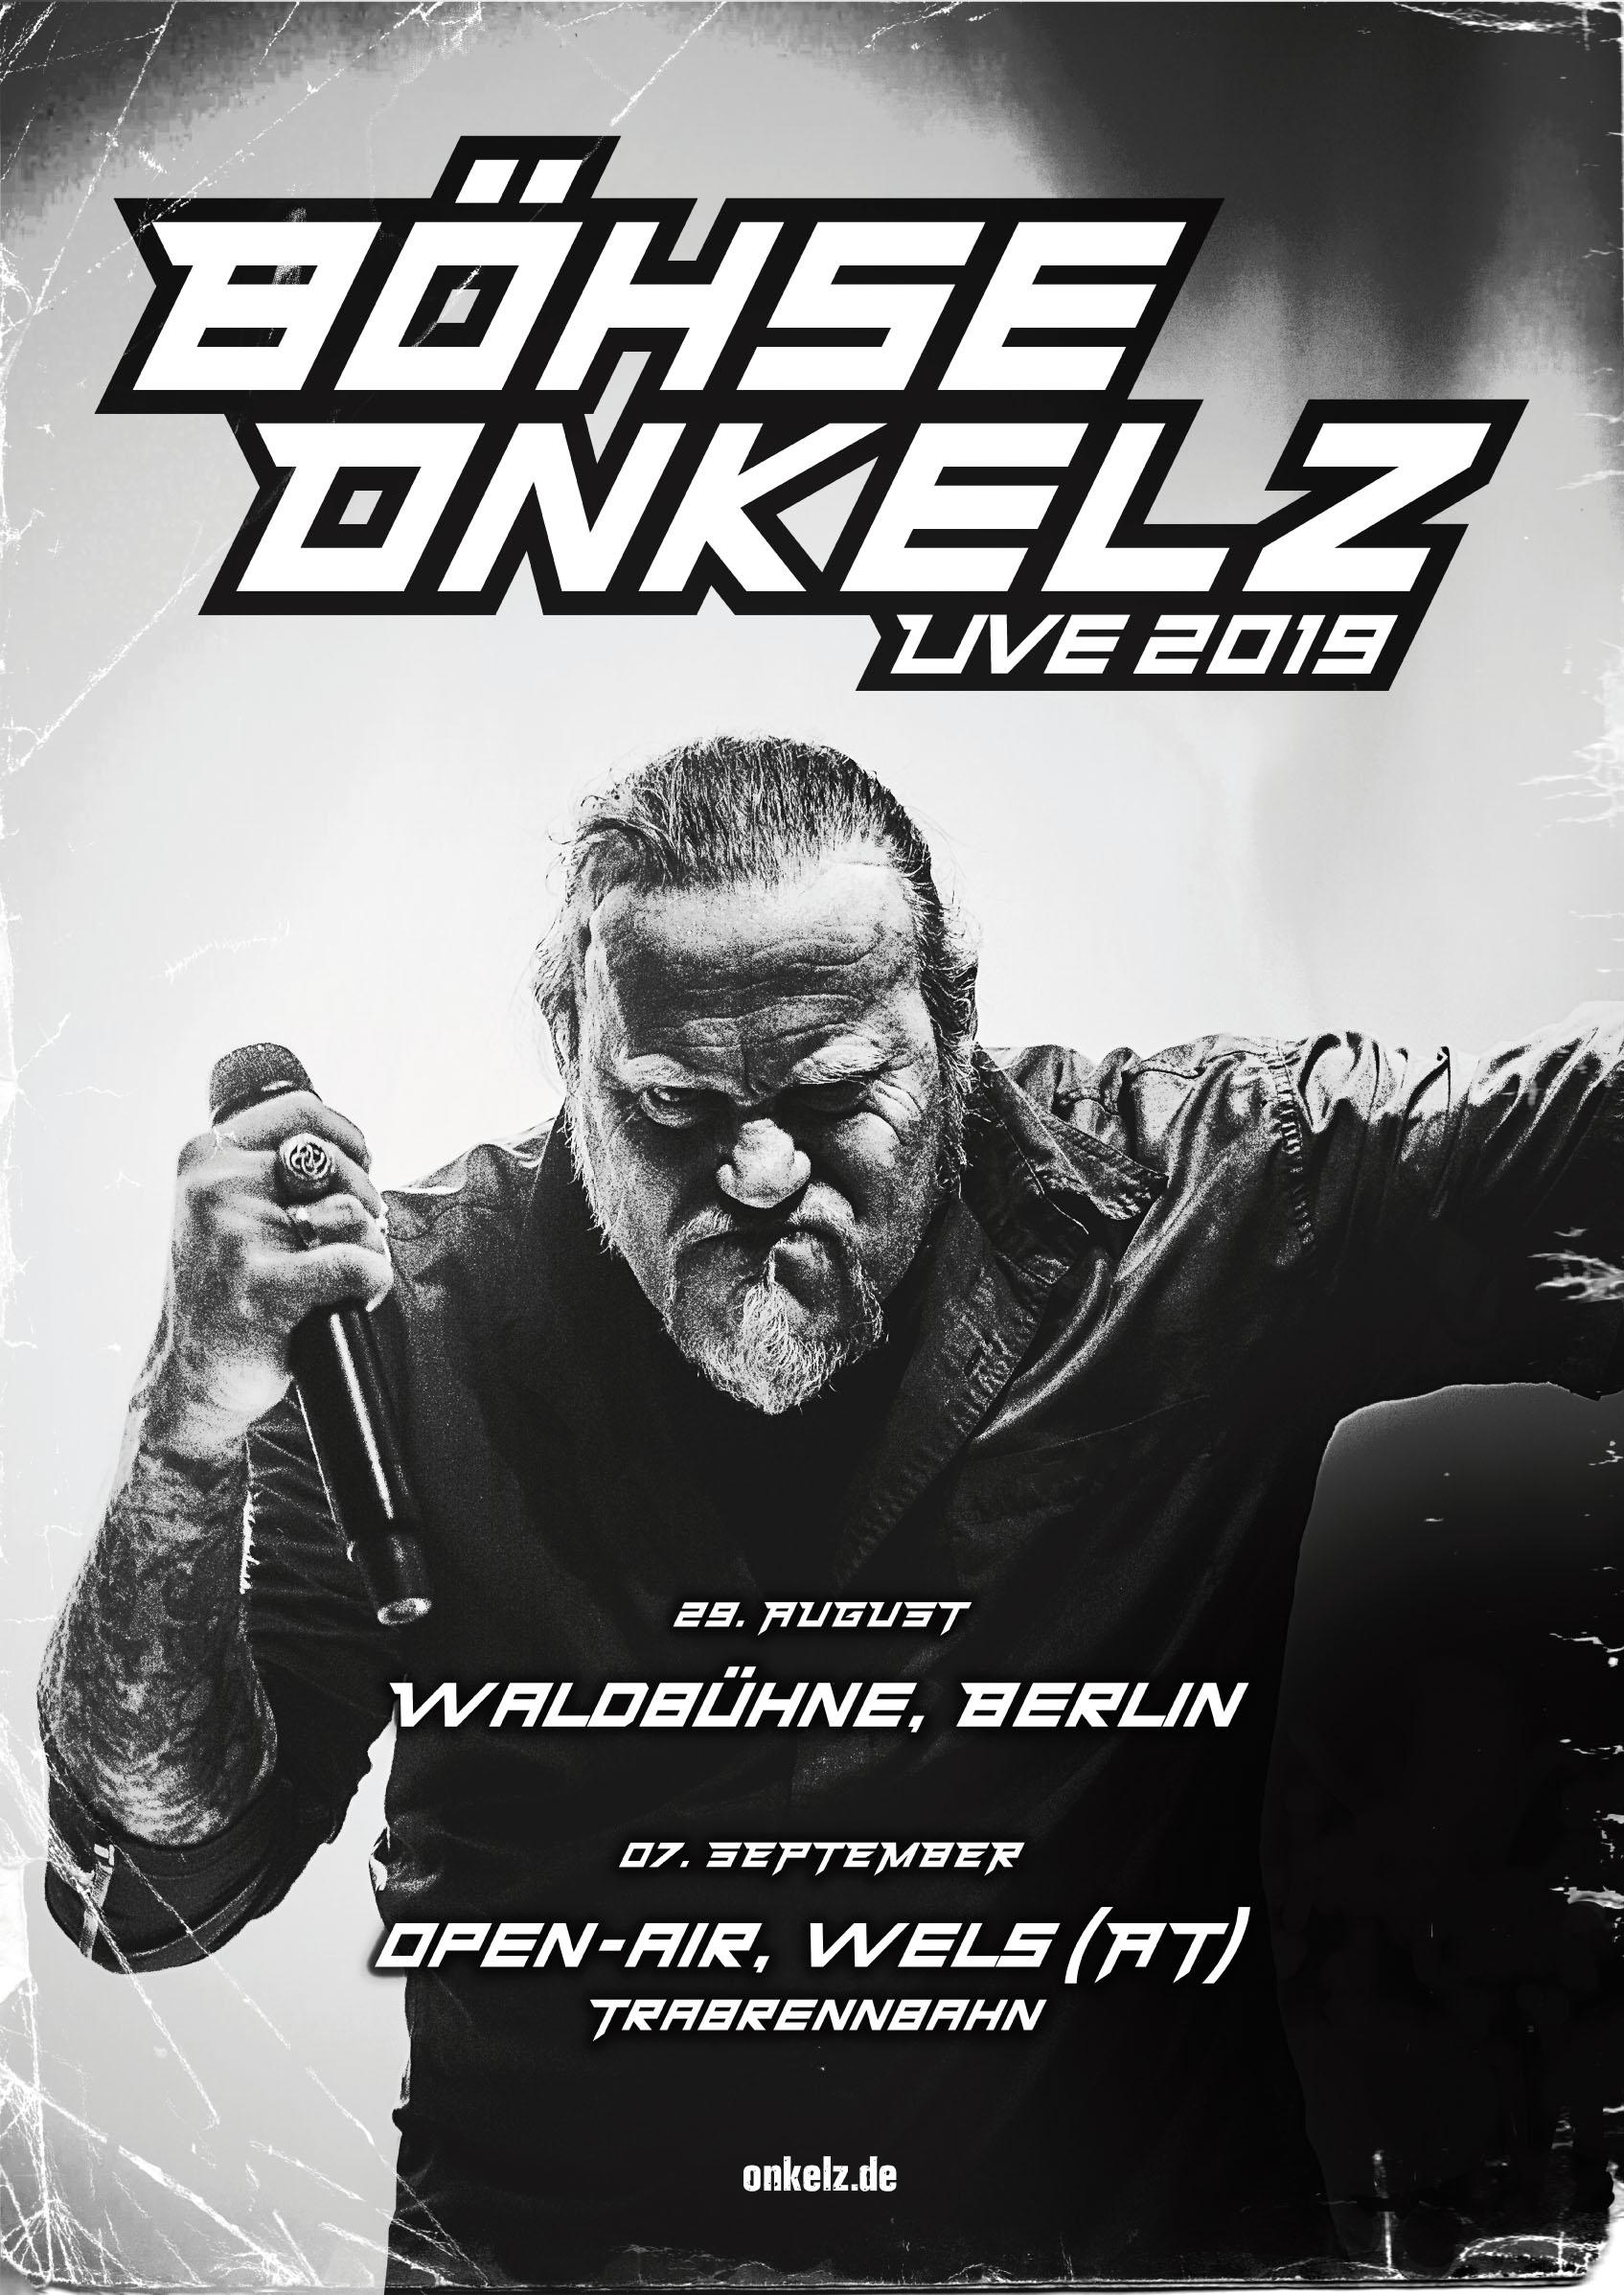 Onkelz Live 2019 Promo